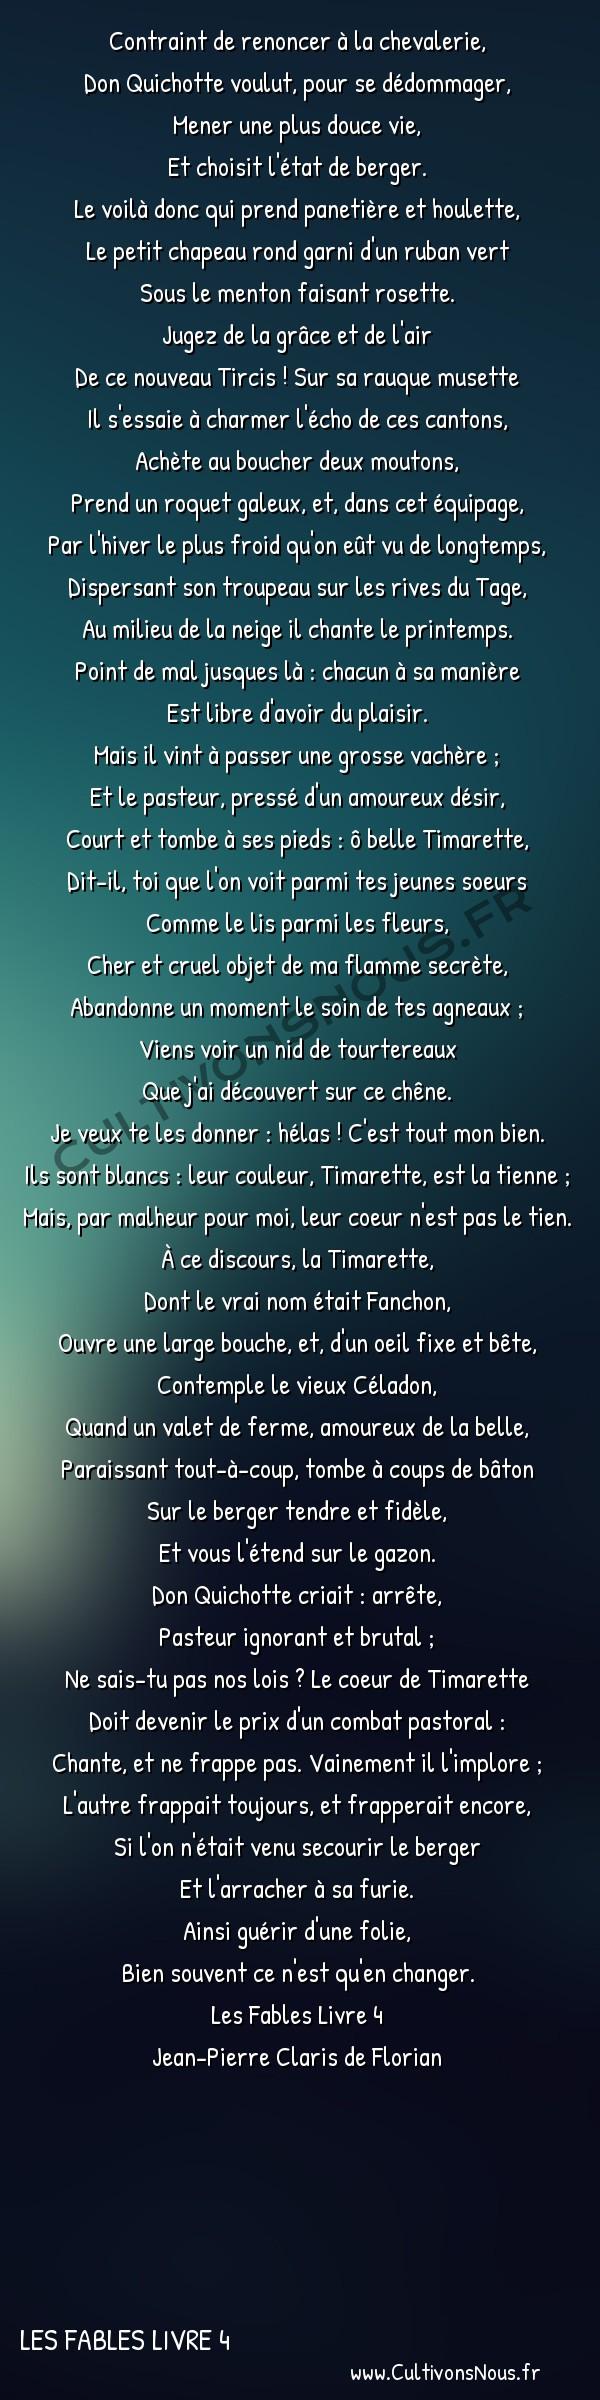 Poésie Jean-Pierre Claris de Florian - Les Fables Livre 4 - Don Quichotte -  Contraint de renoncer à la chevalerie, Don Quichotte voulut, pour se dédommager,